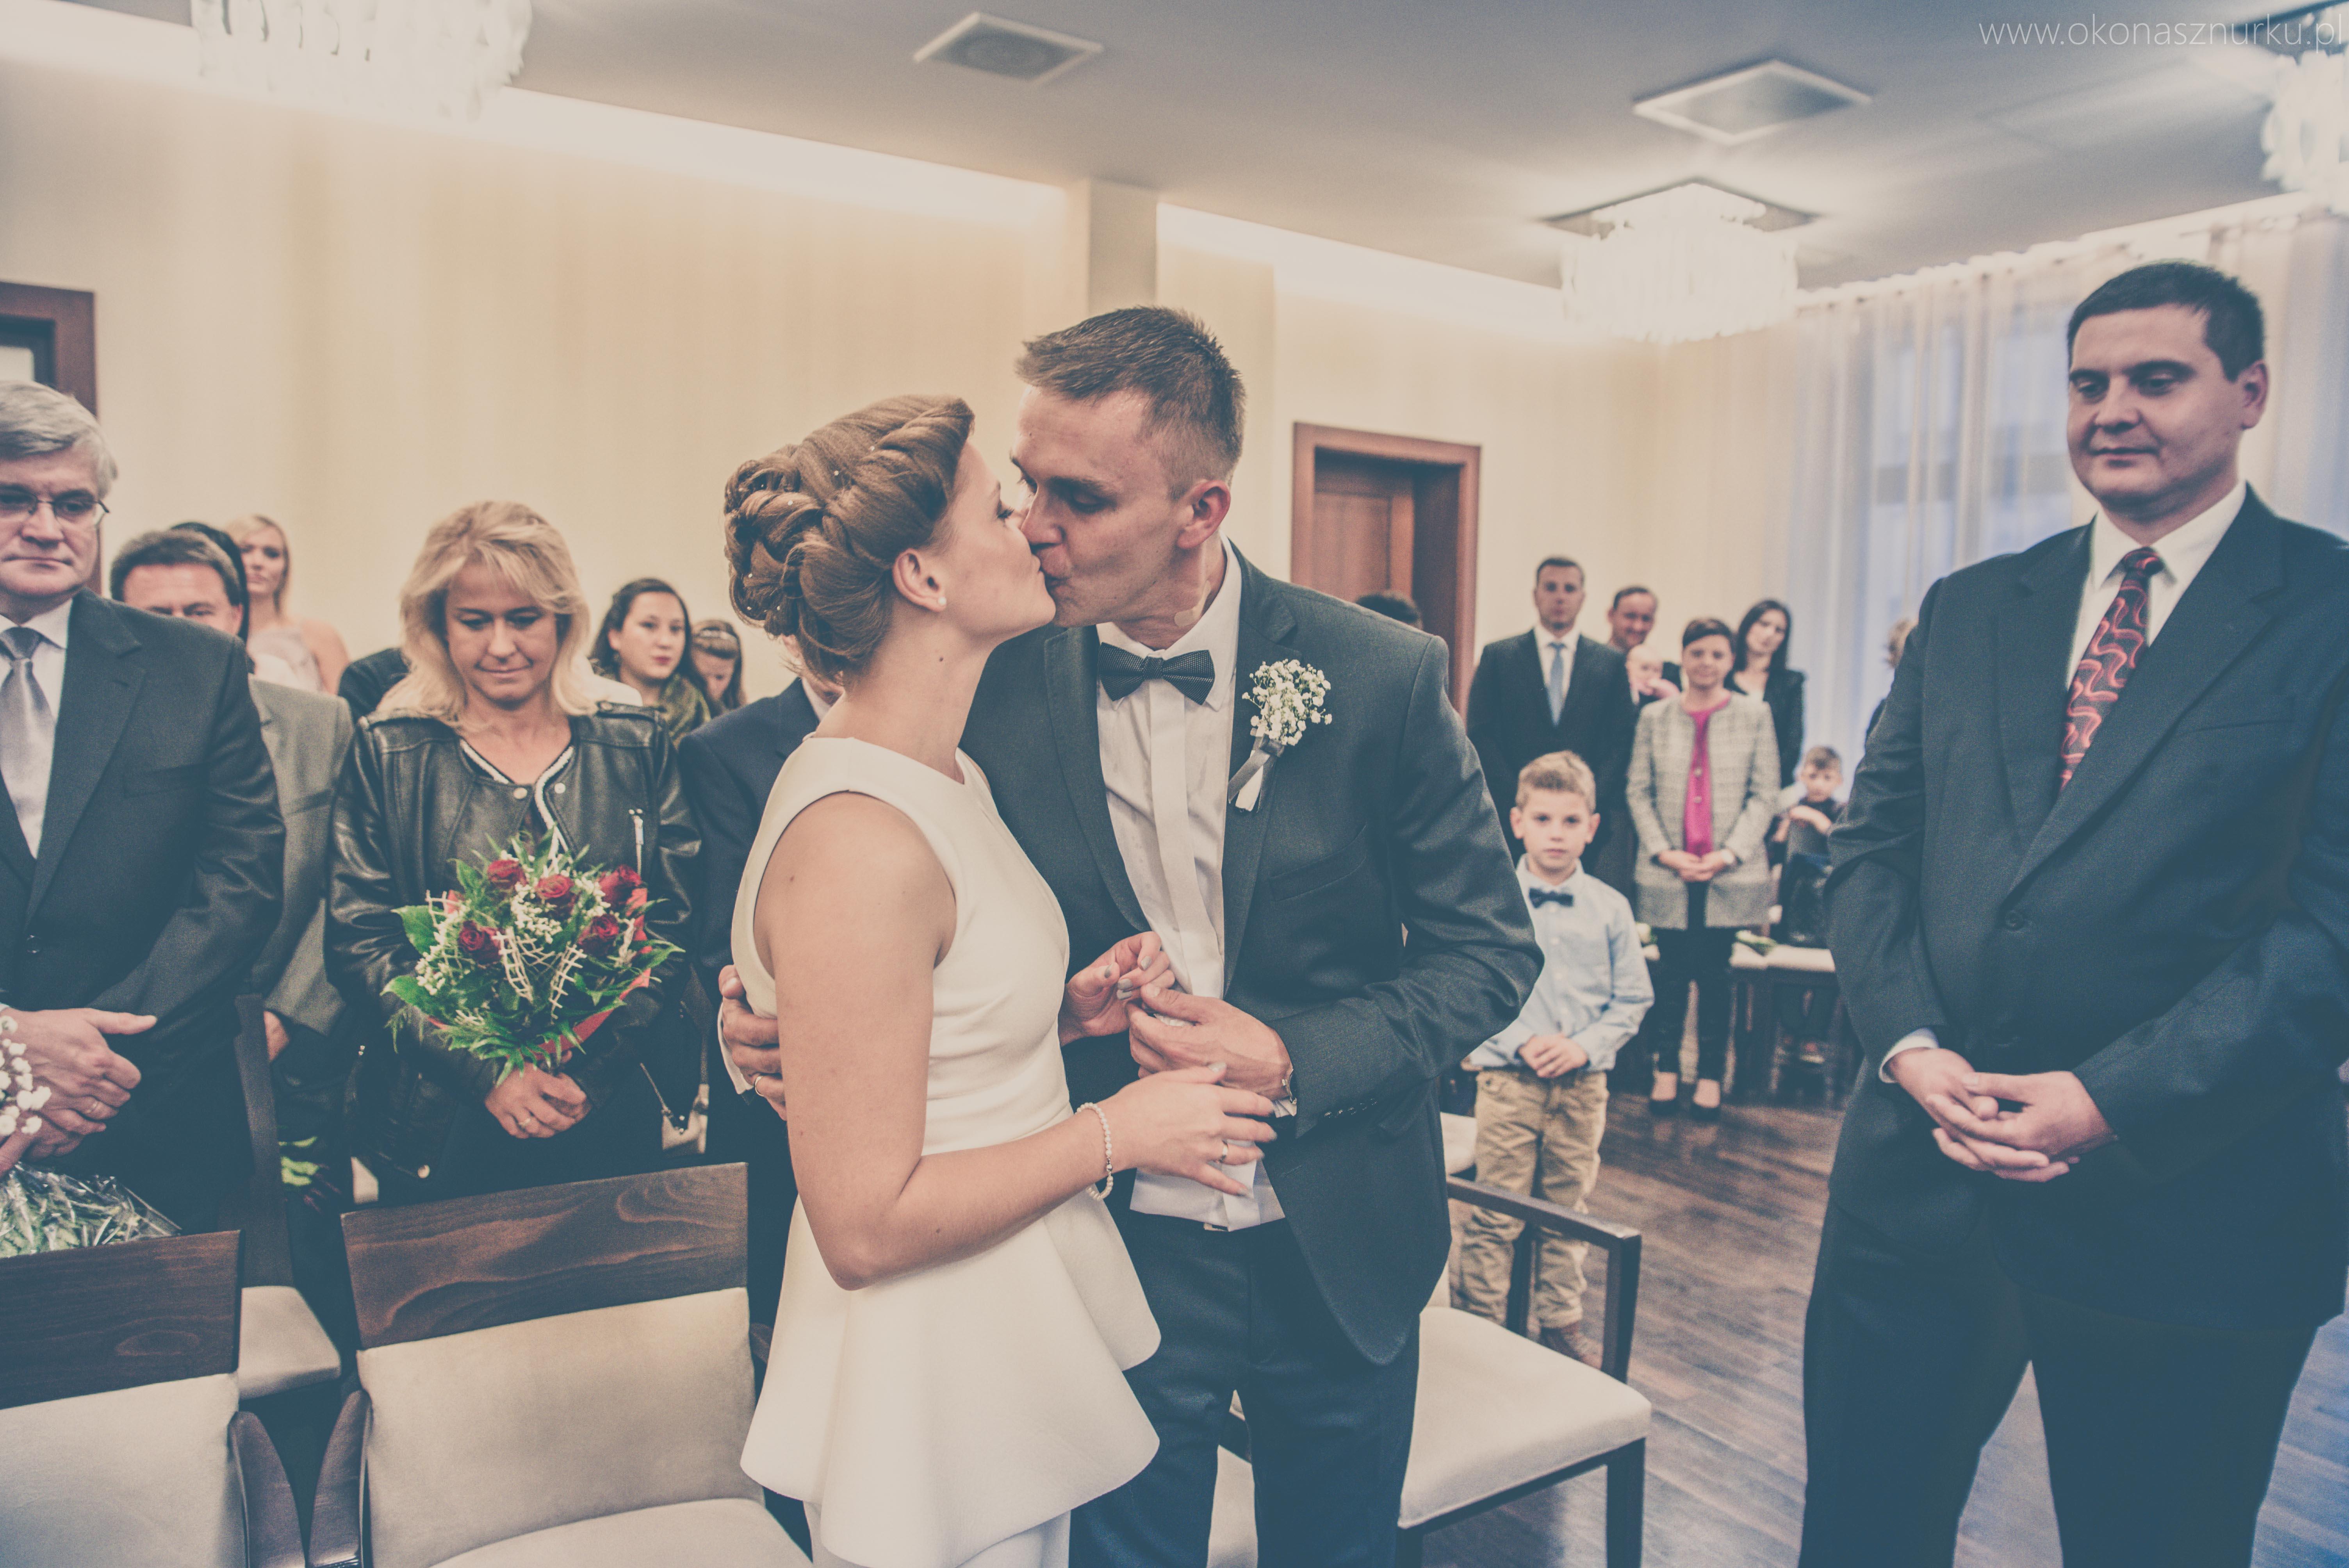 zdjęcia-ślubne-ślub-w-usc